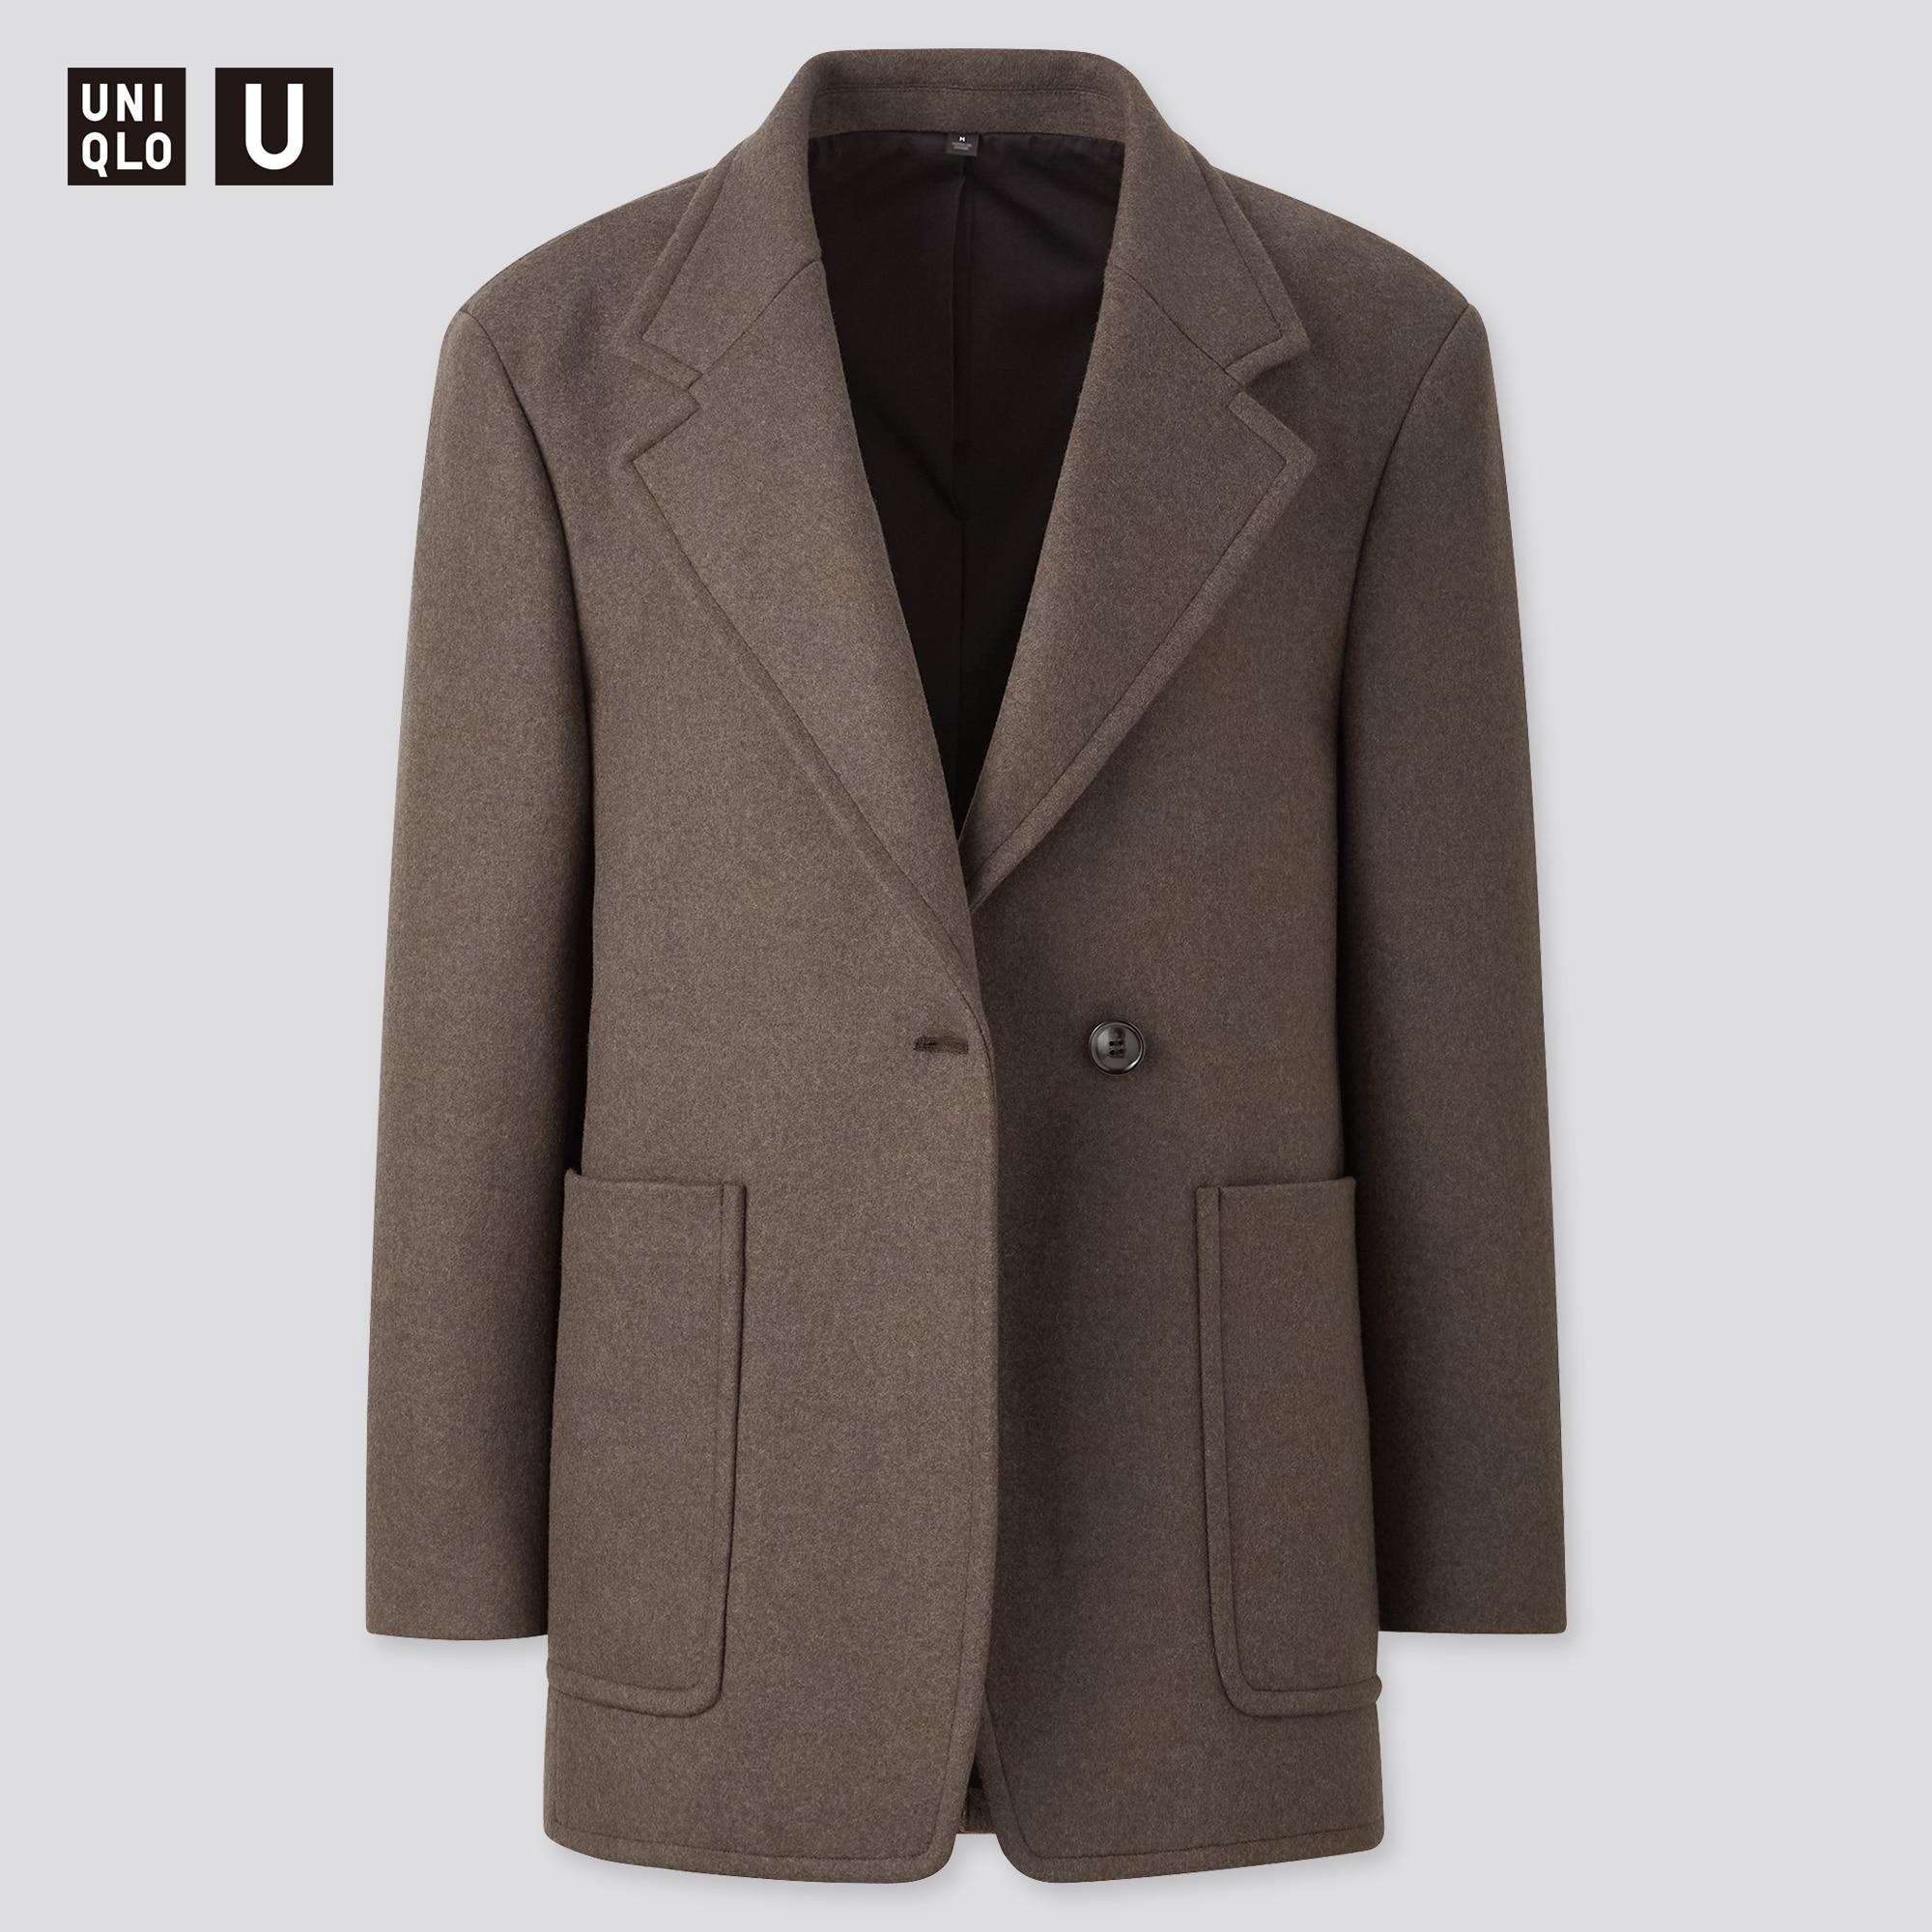 Women Uniqlo U Wool Blend Jersey Jacket